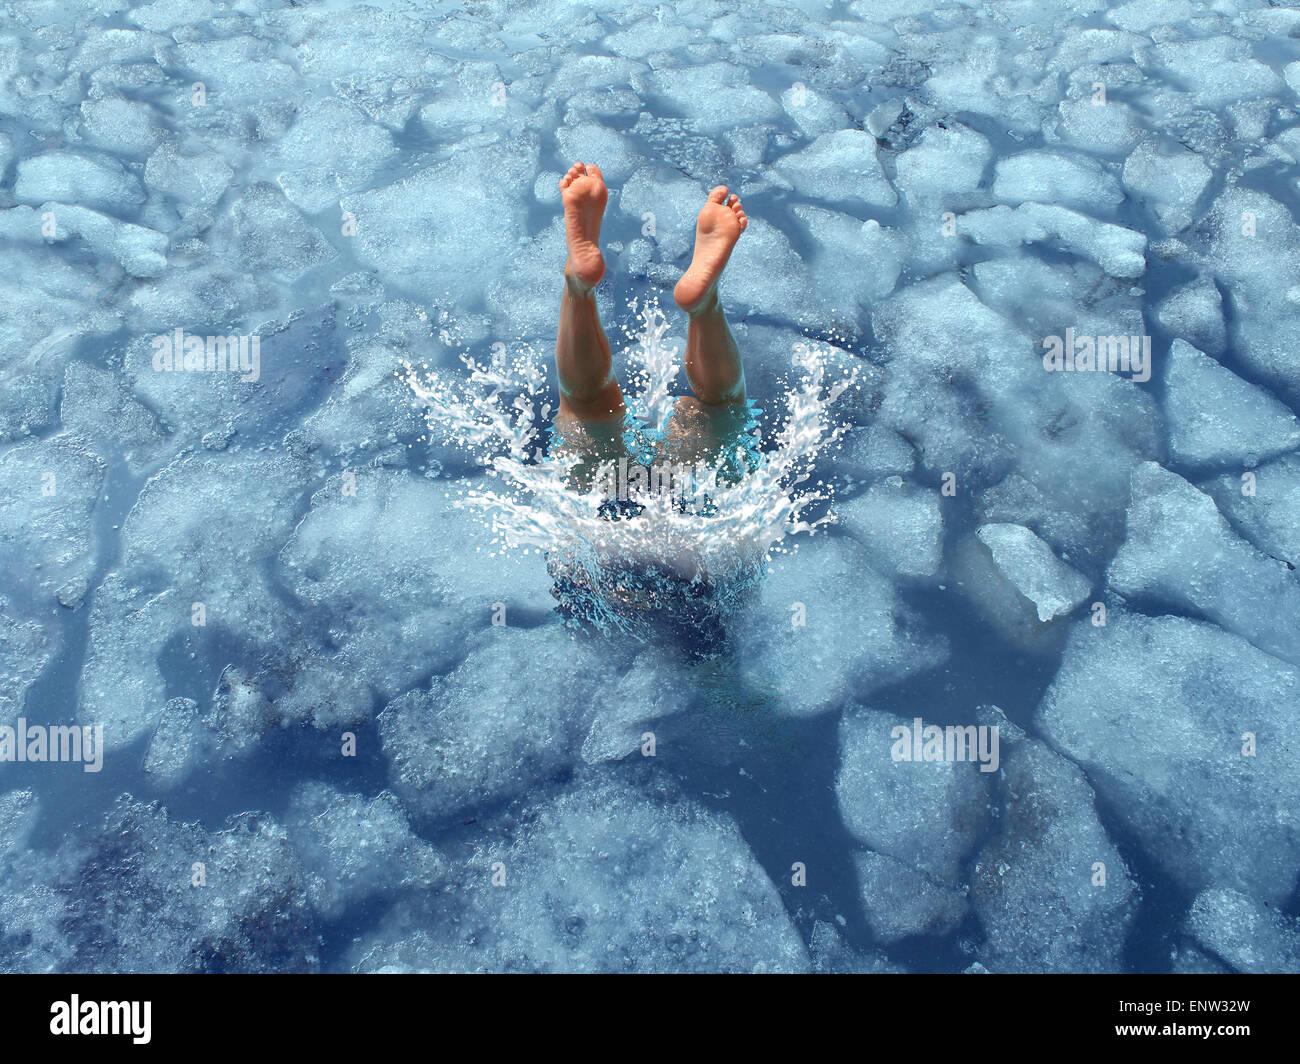 Abkühlen lassen und abkühlen Konzept als Taucher Tauchen in gefrorenem Eis Wasser als Symbol für Stockbild